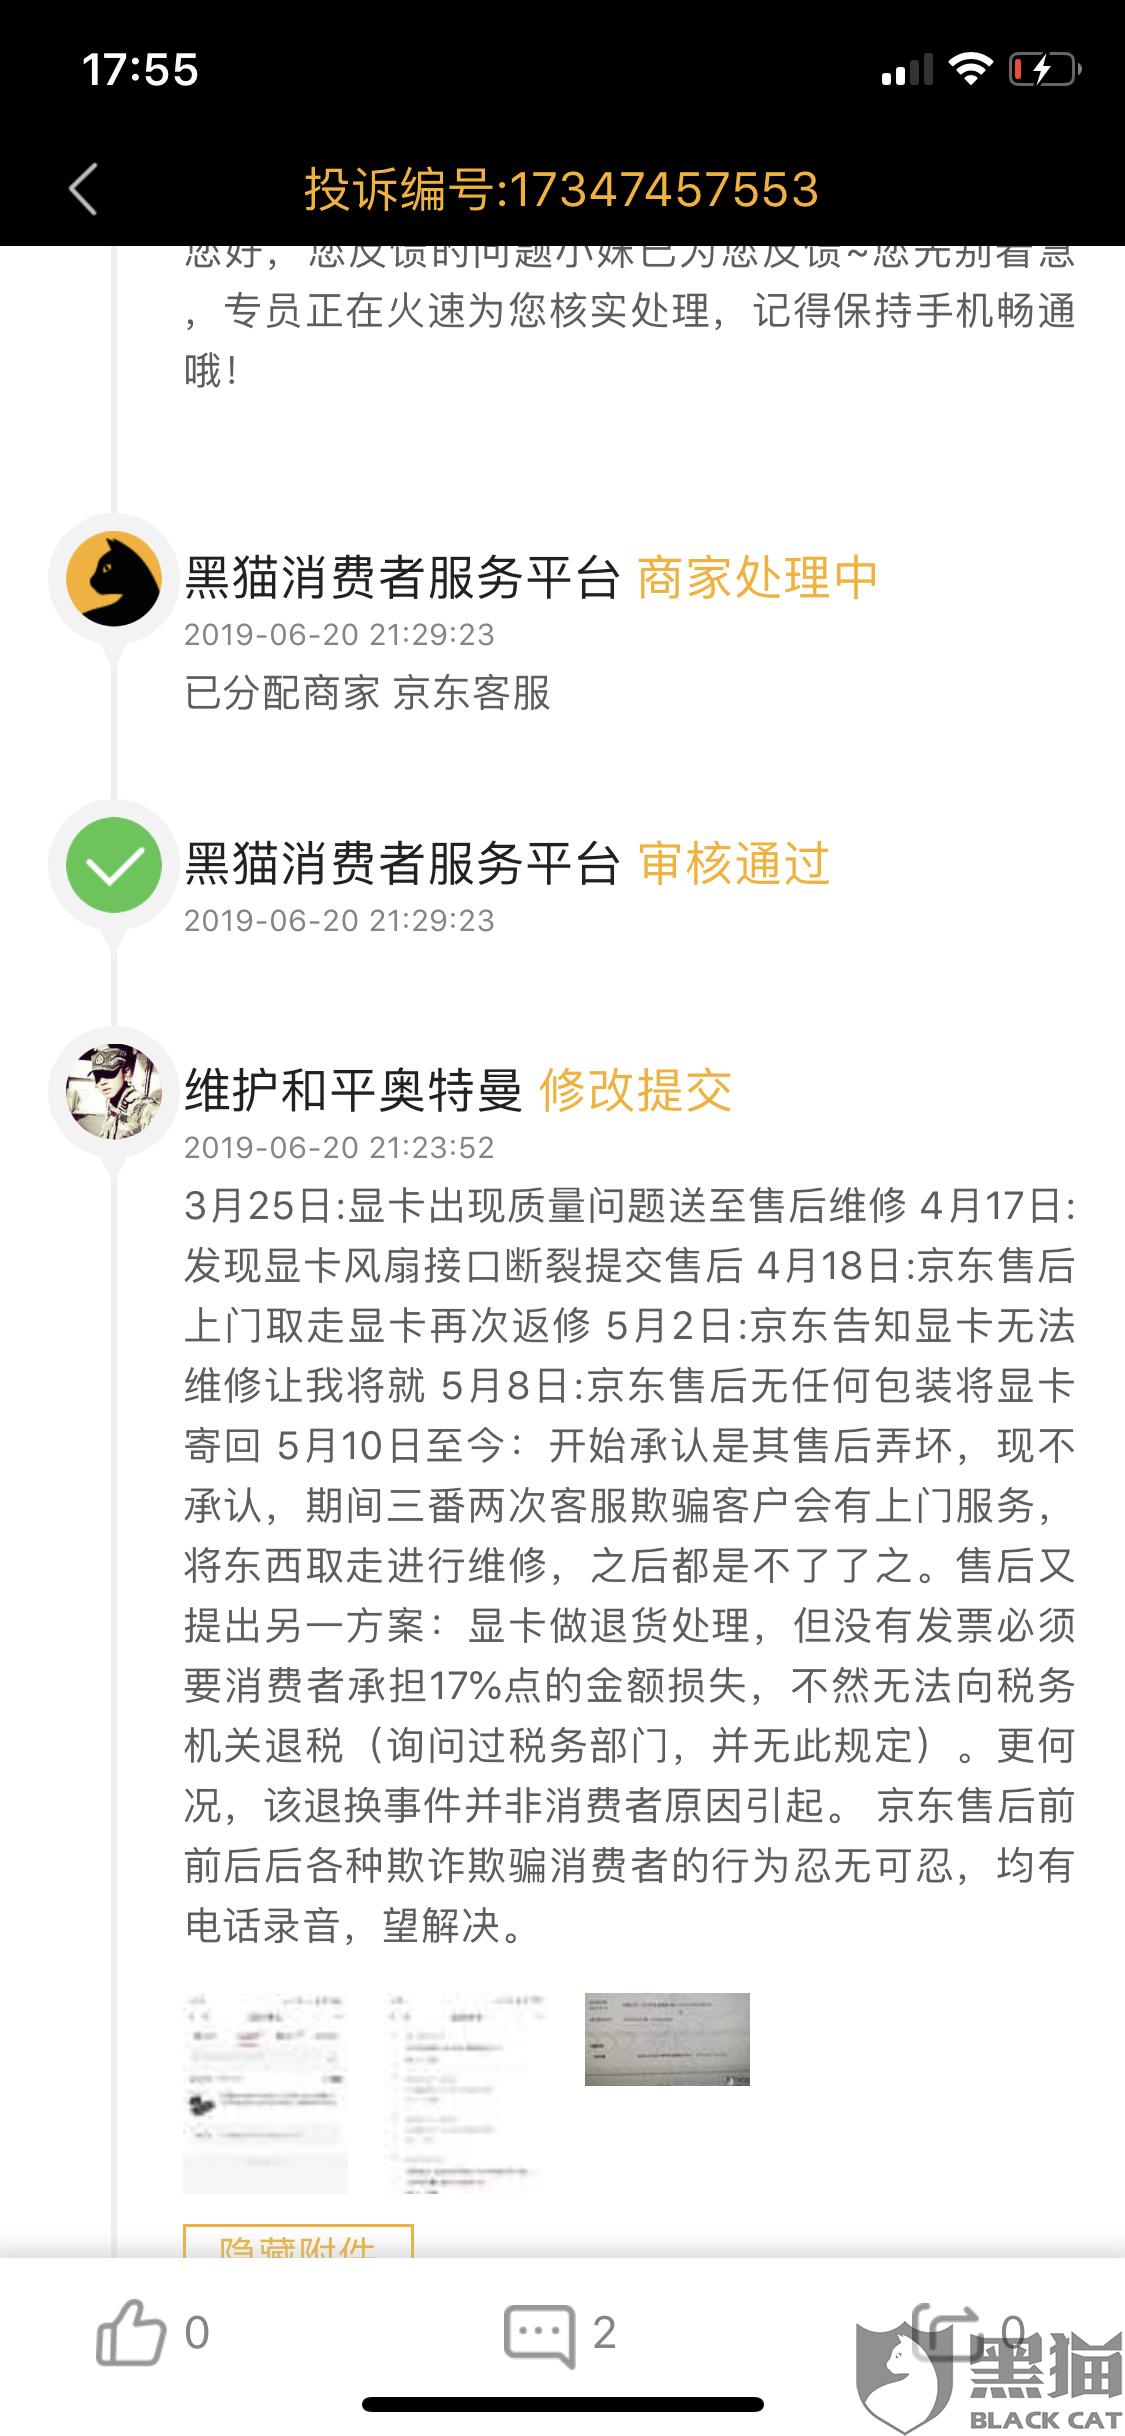 黑猫投诉:京东客服不处理问题长达数月欺诈消费者